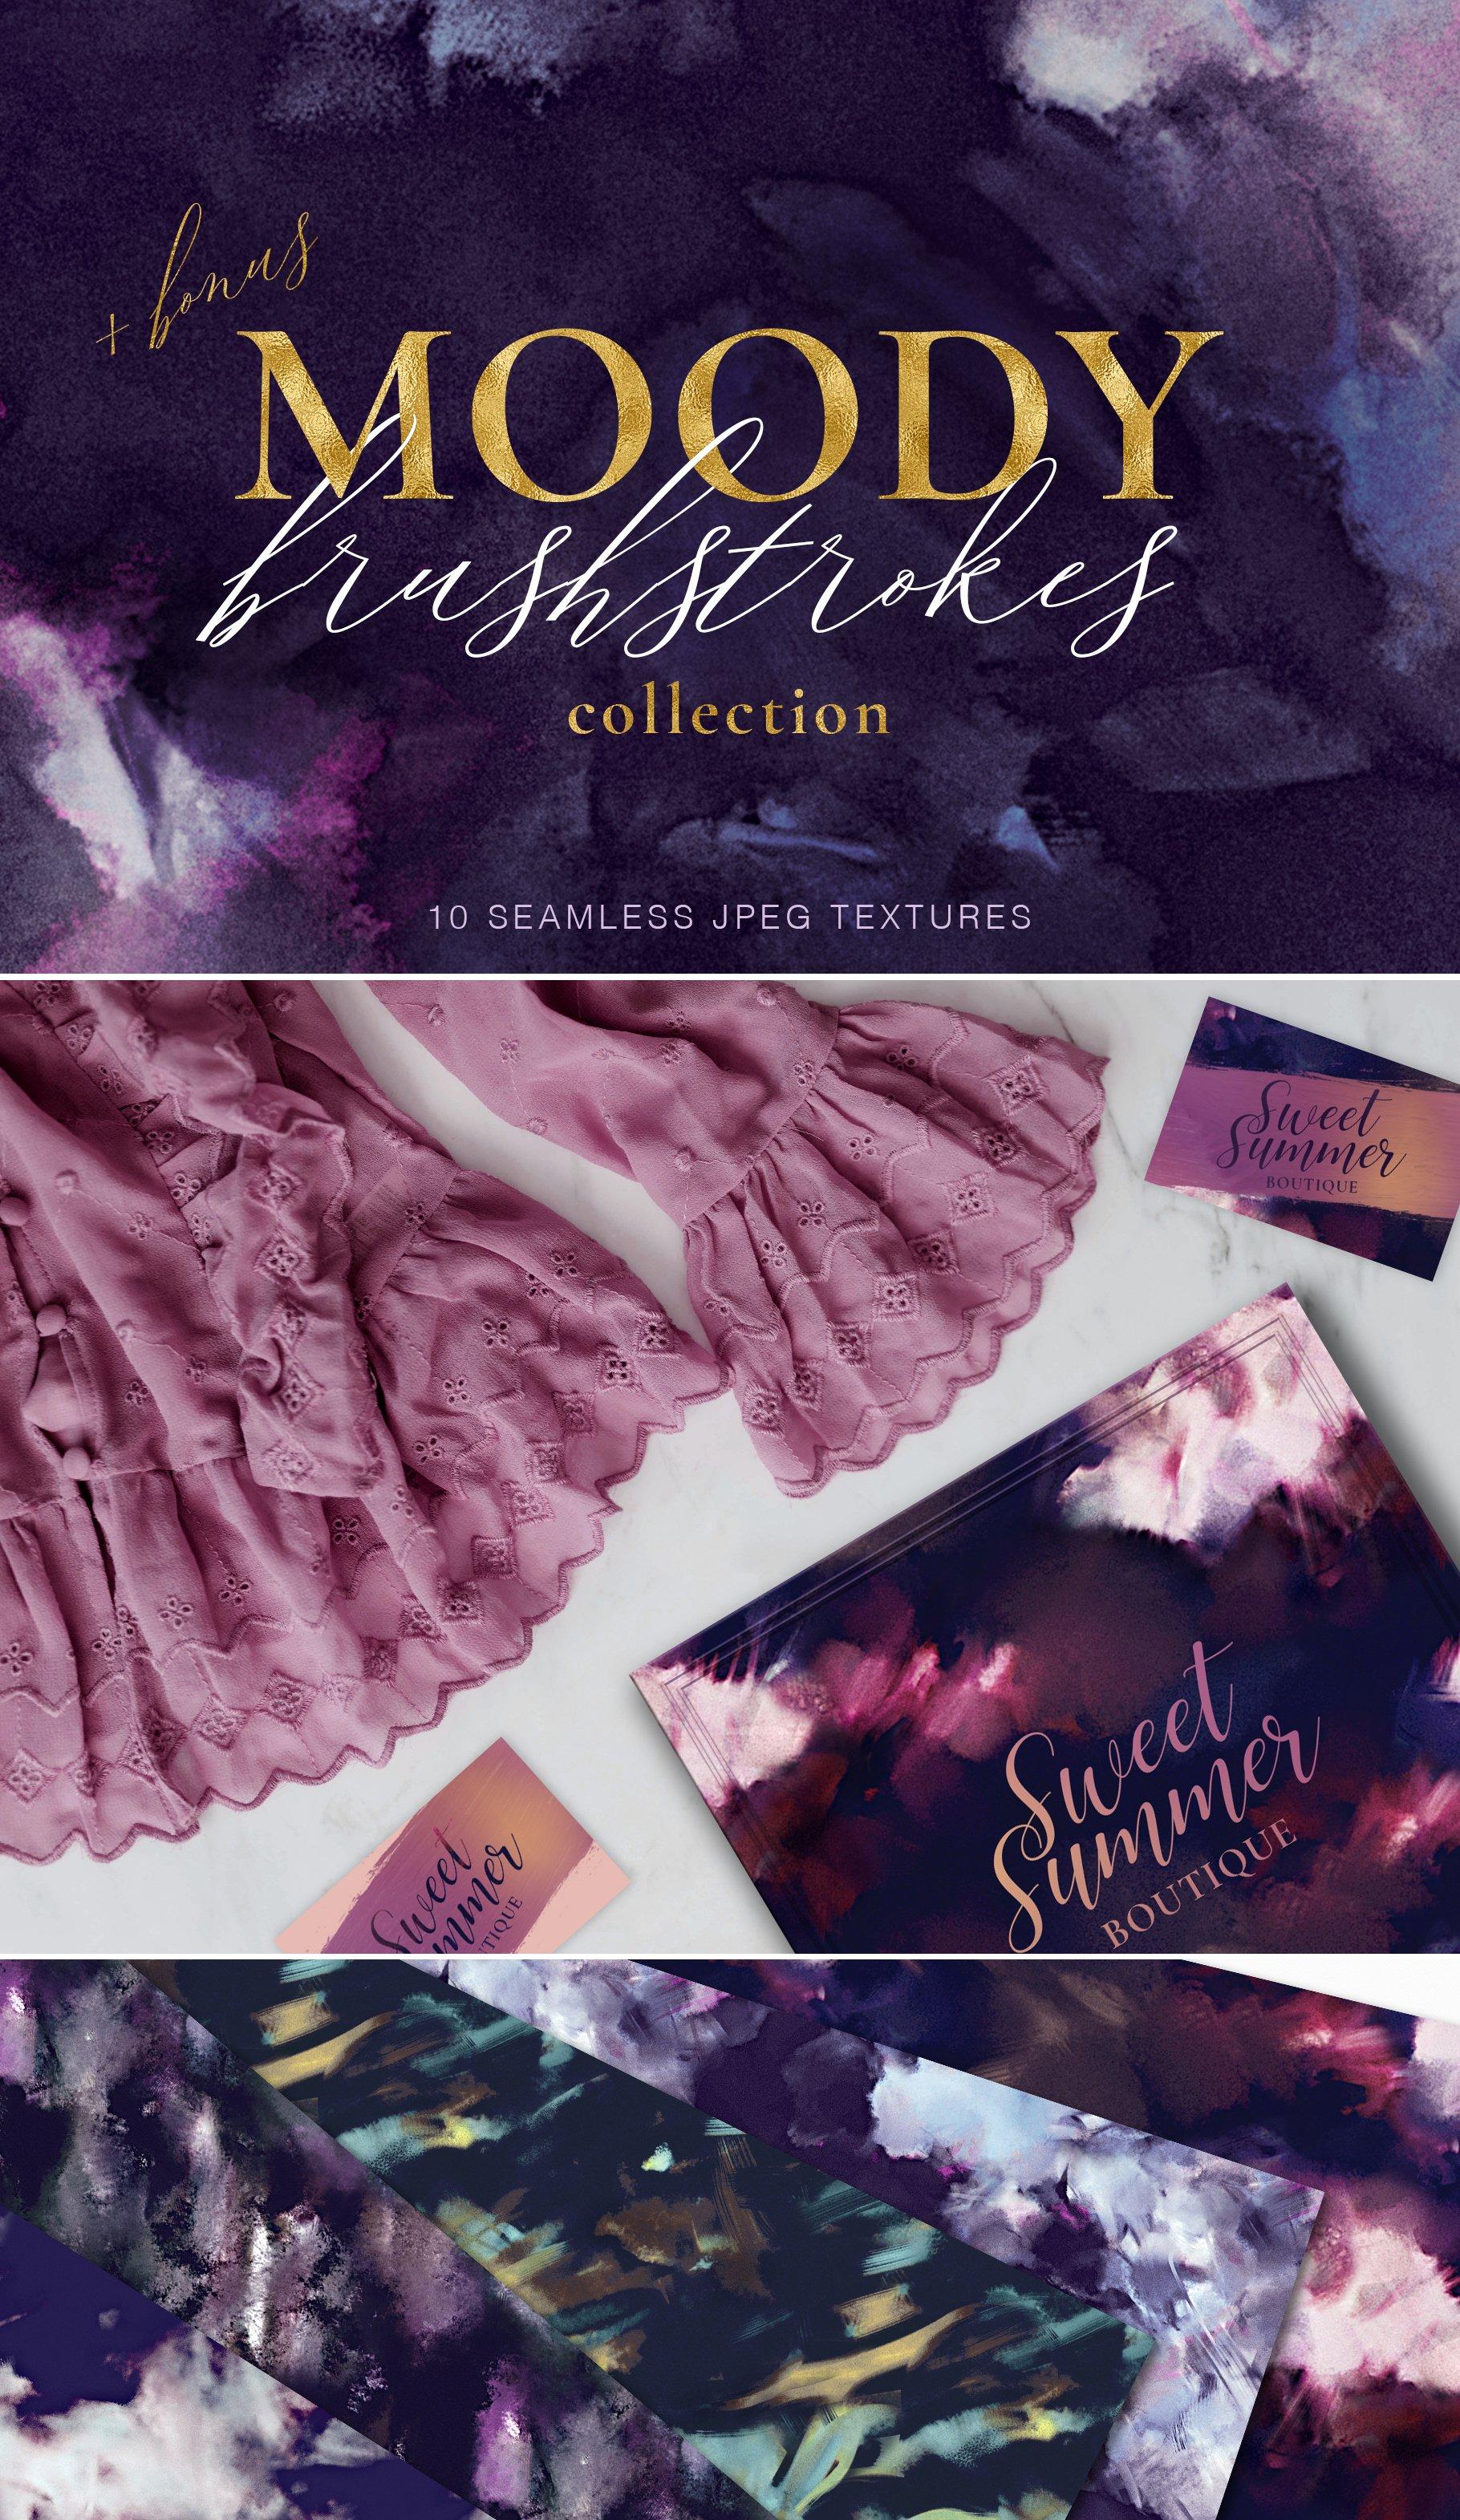 抽象紫色海军蓝绿色调丙烯酸油漆笔刷背景纹理图片素材 Brushstroke Textures Collection插图